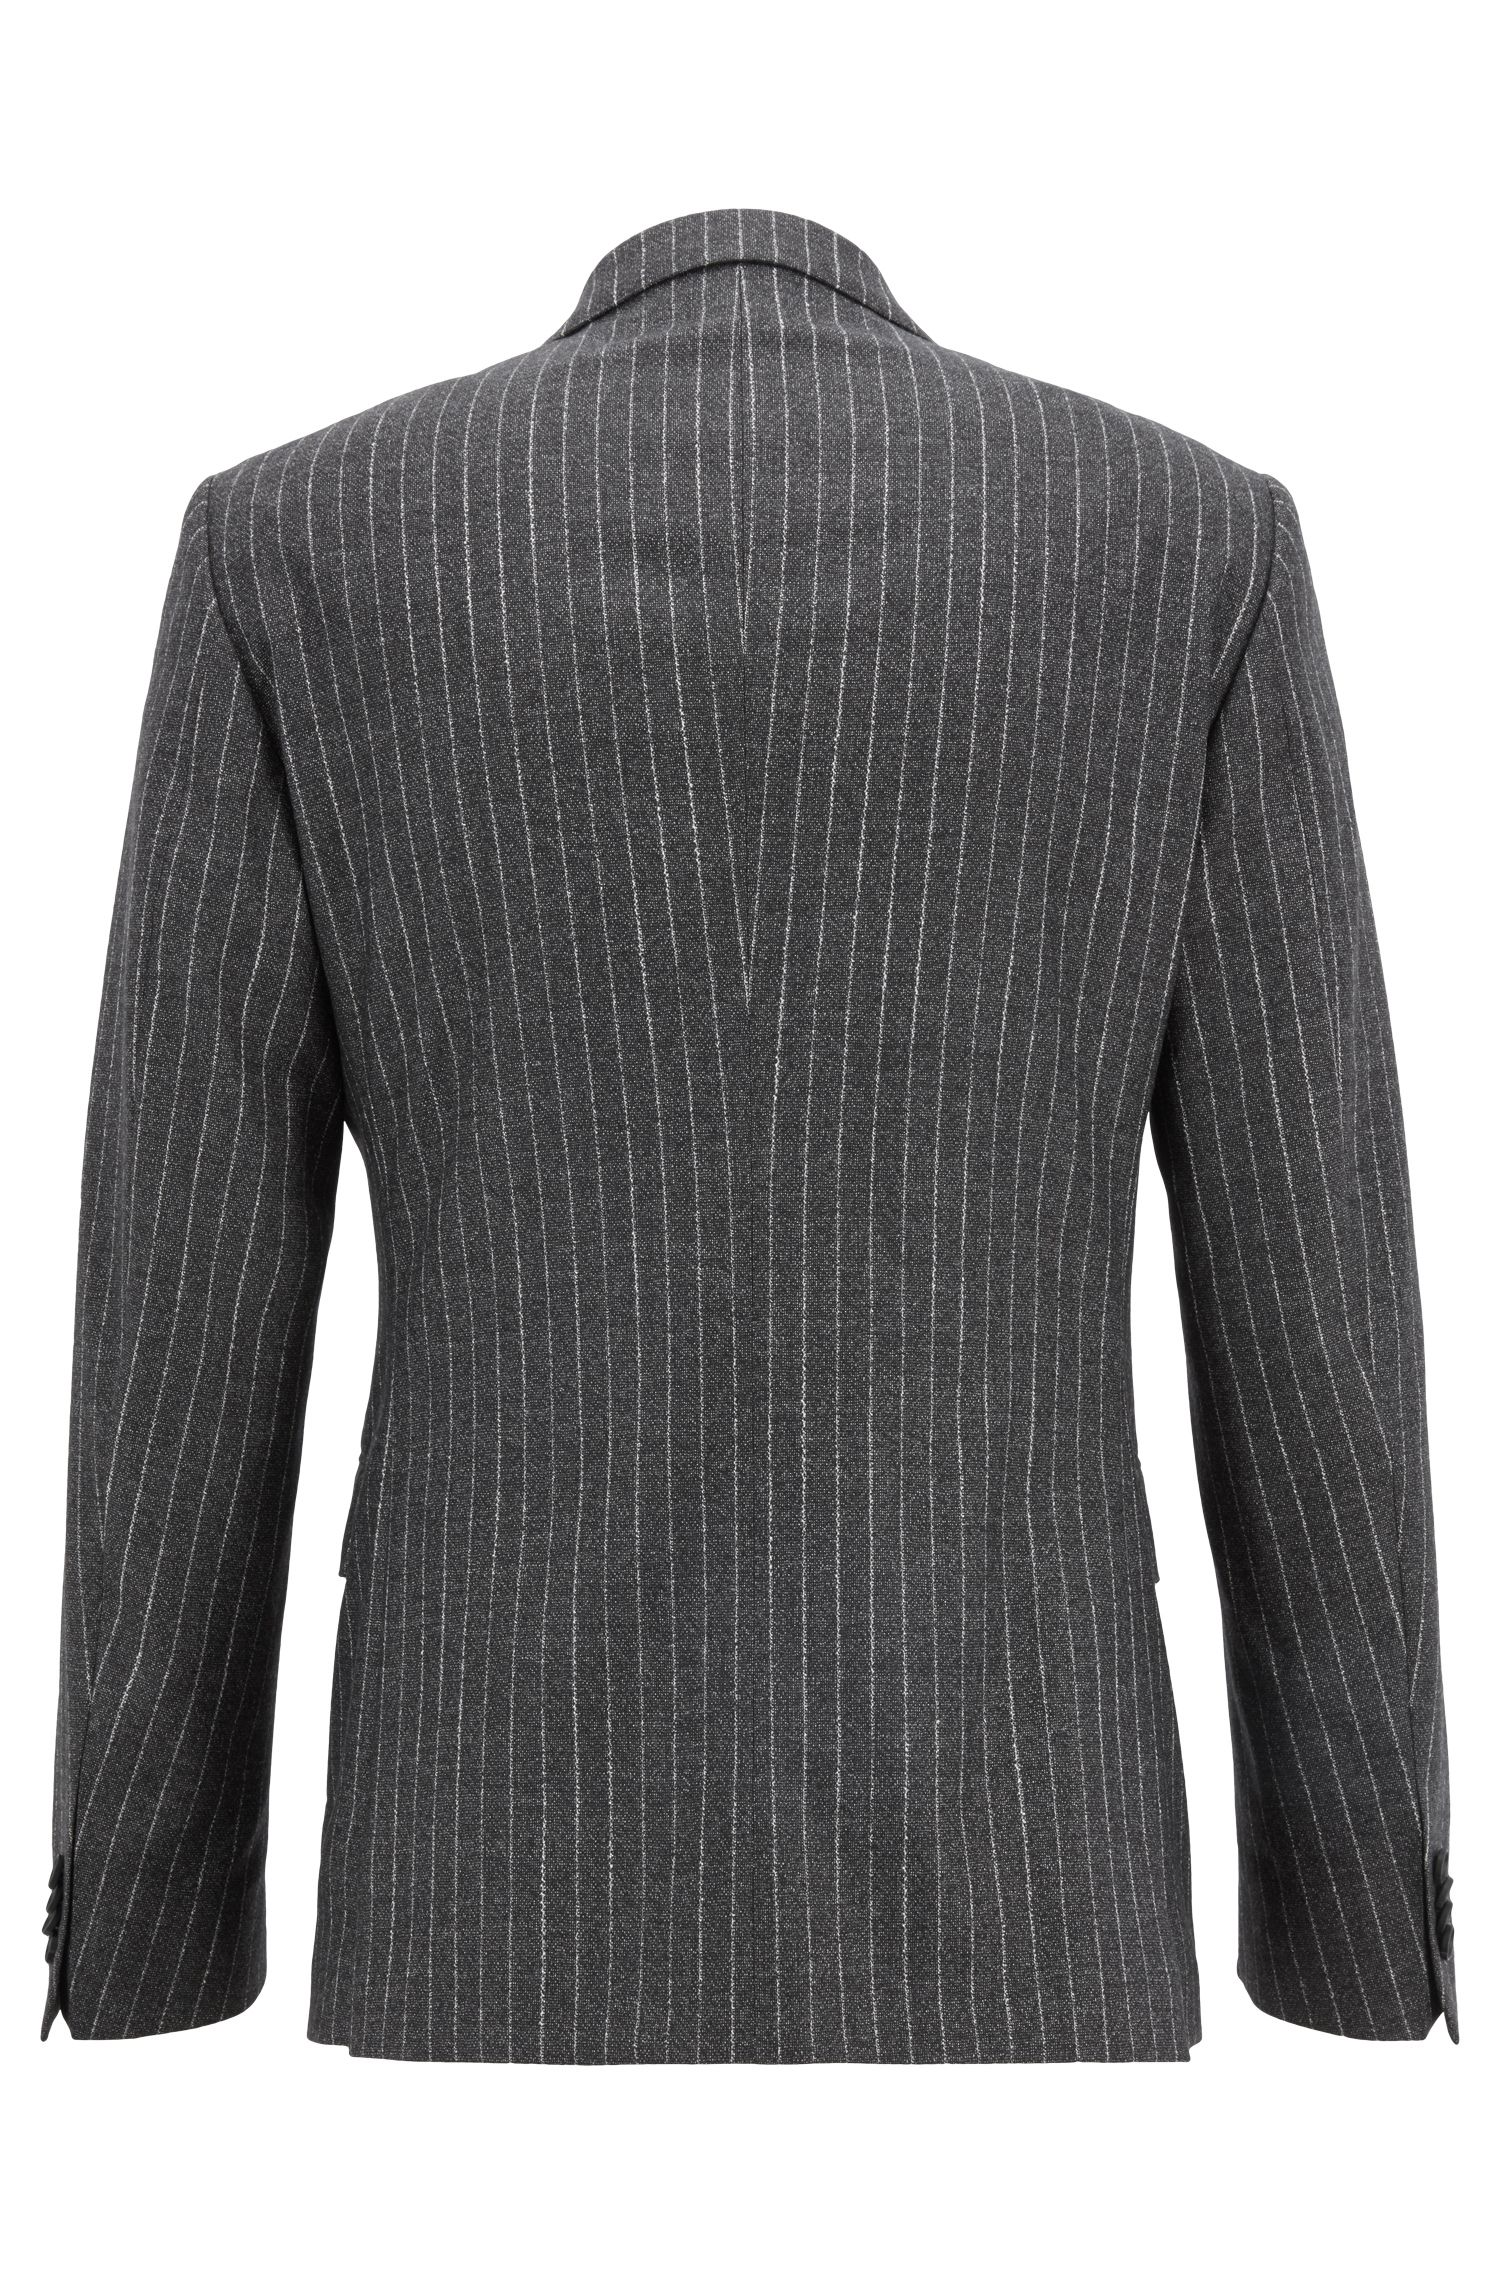 Costume croisé en laine vierge stretch à rayures tennis, Noir